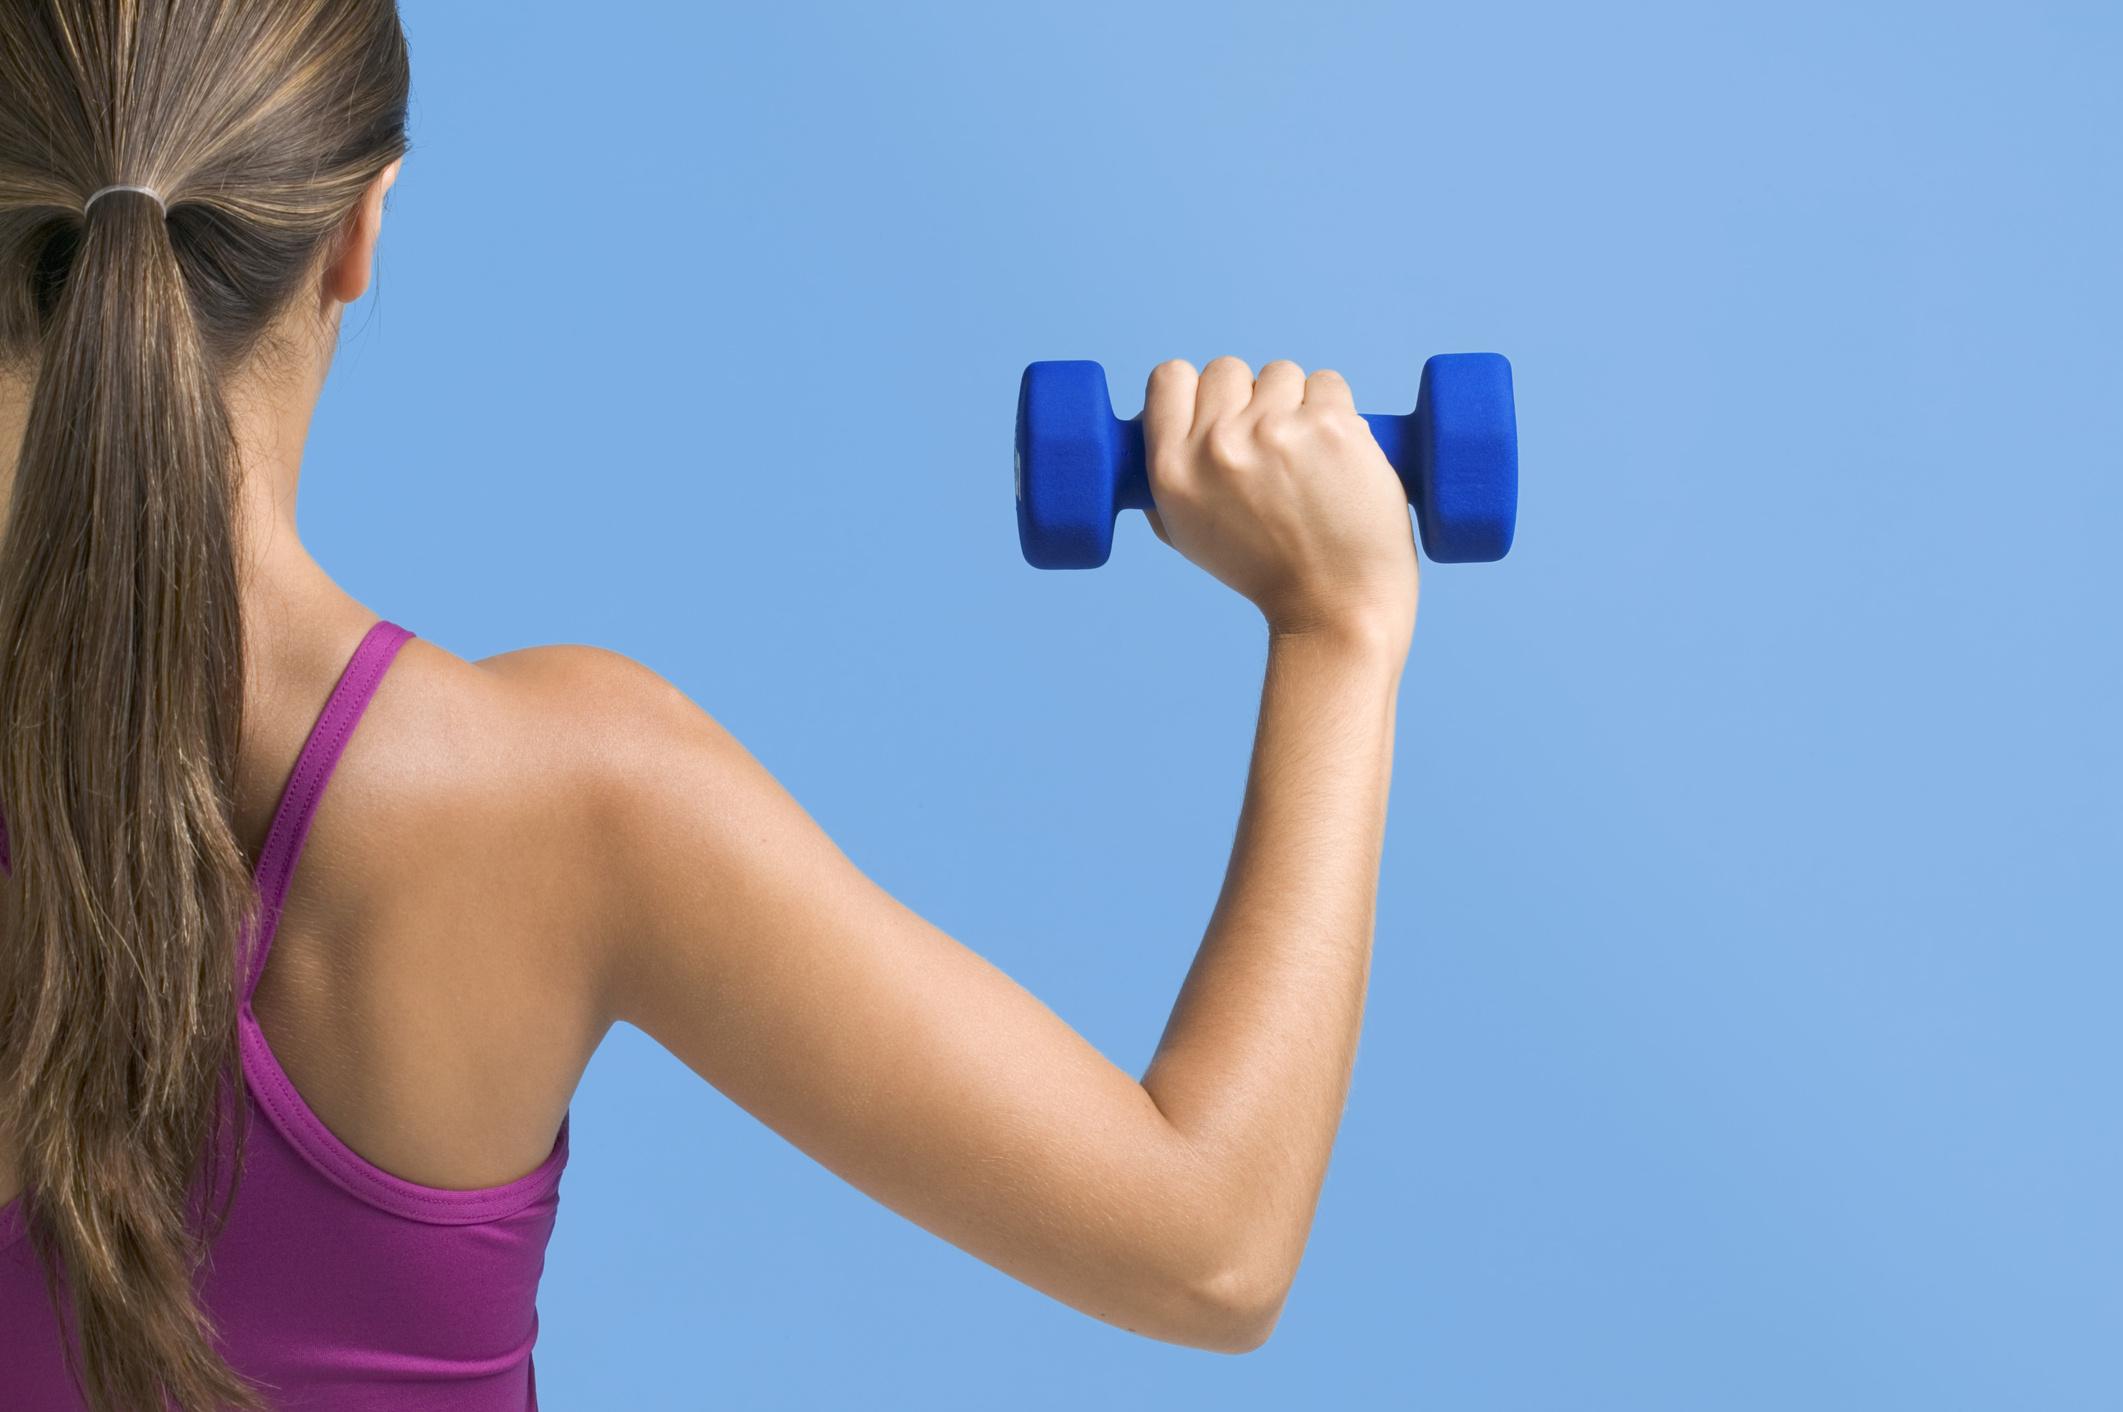 Fogyni 5 kg étrend nélküled. A hastánc fogyás nélküled